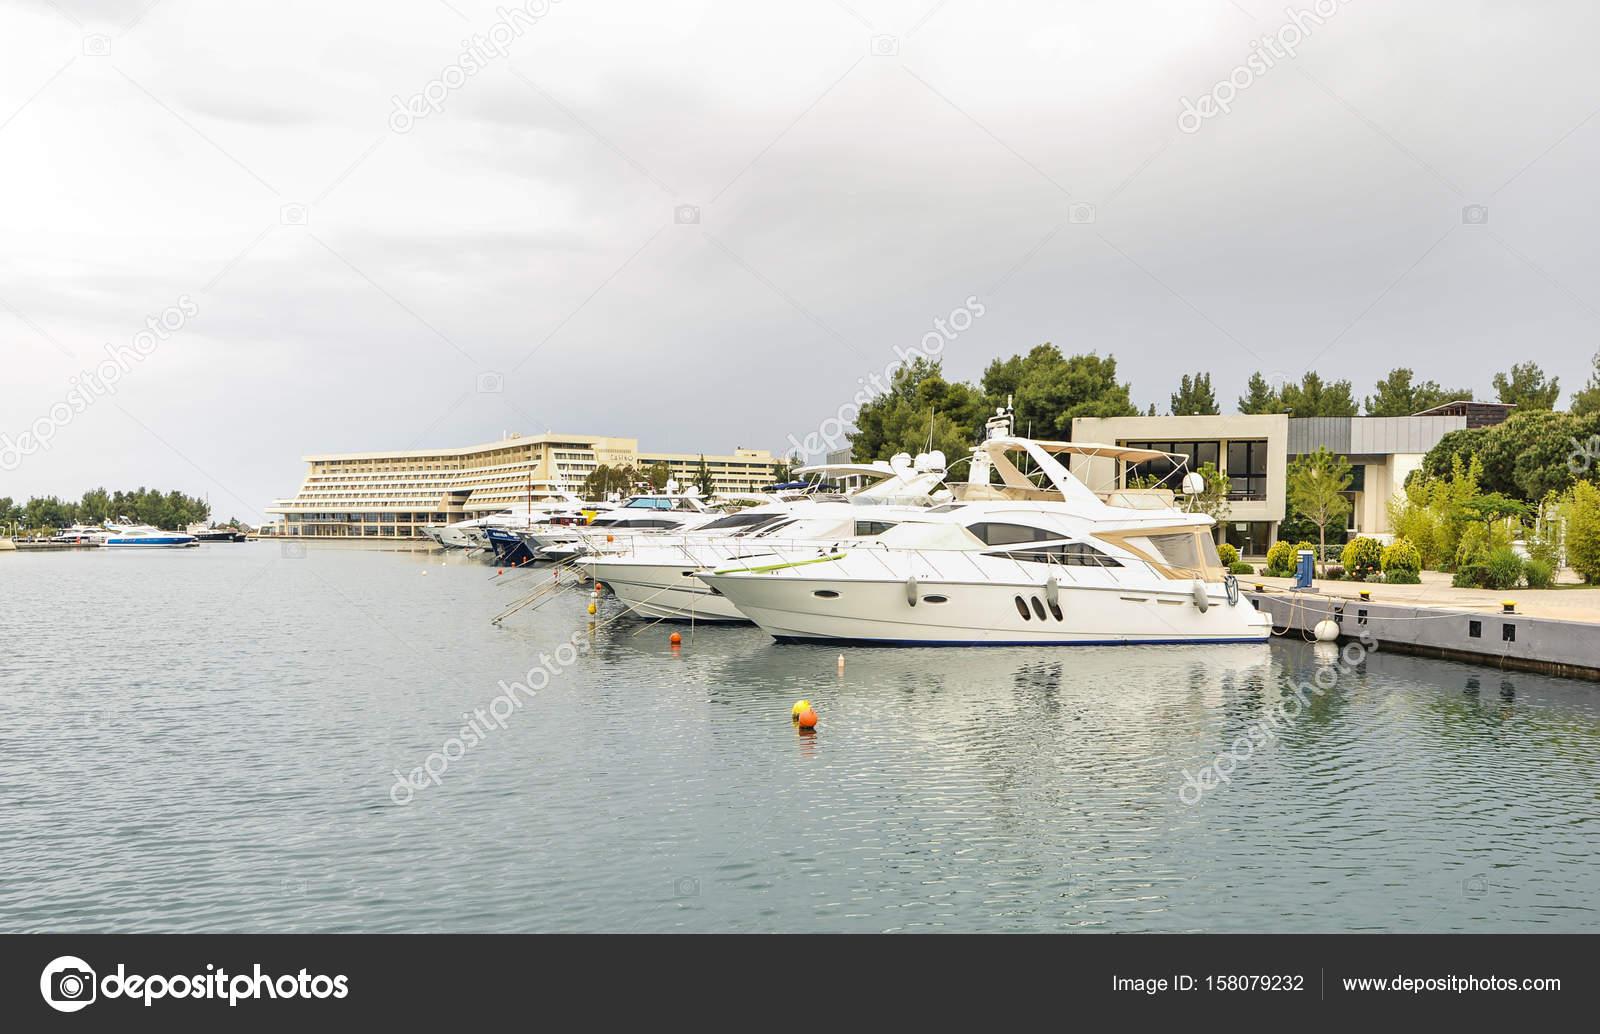 Moderne segelyachten  Yachten in der Marina verankert. Segelboot Hafen ankern viele ...